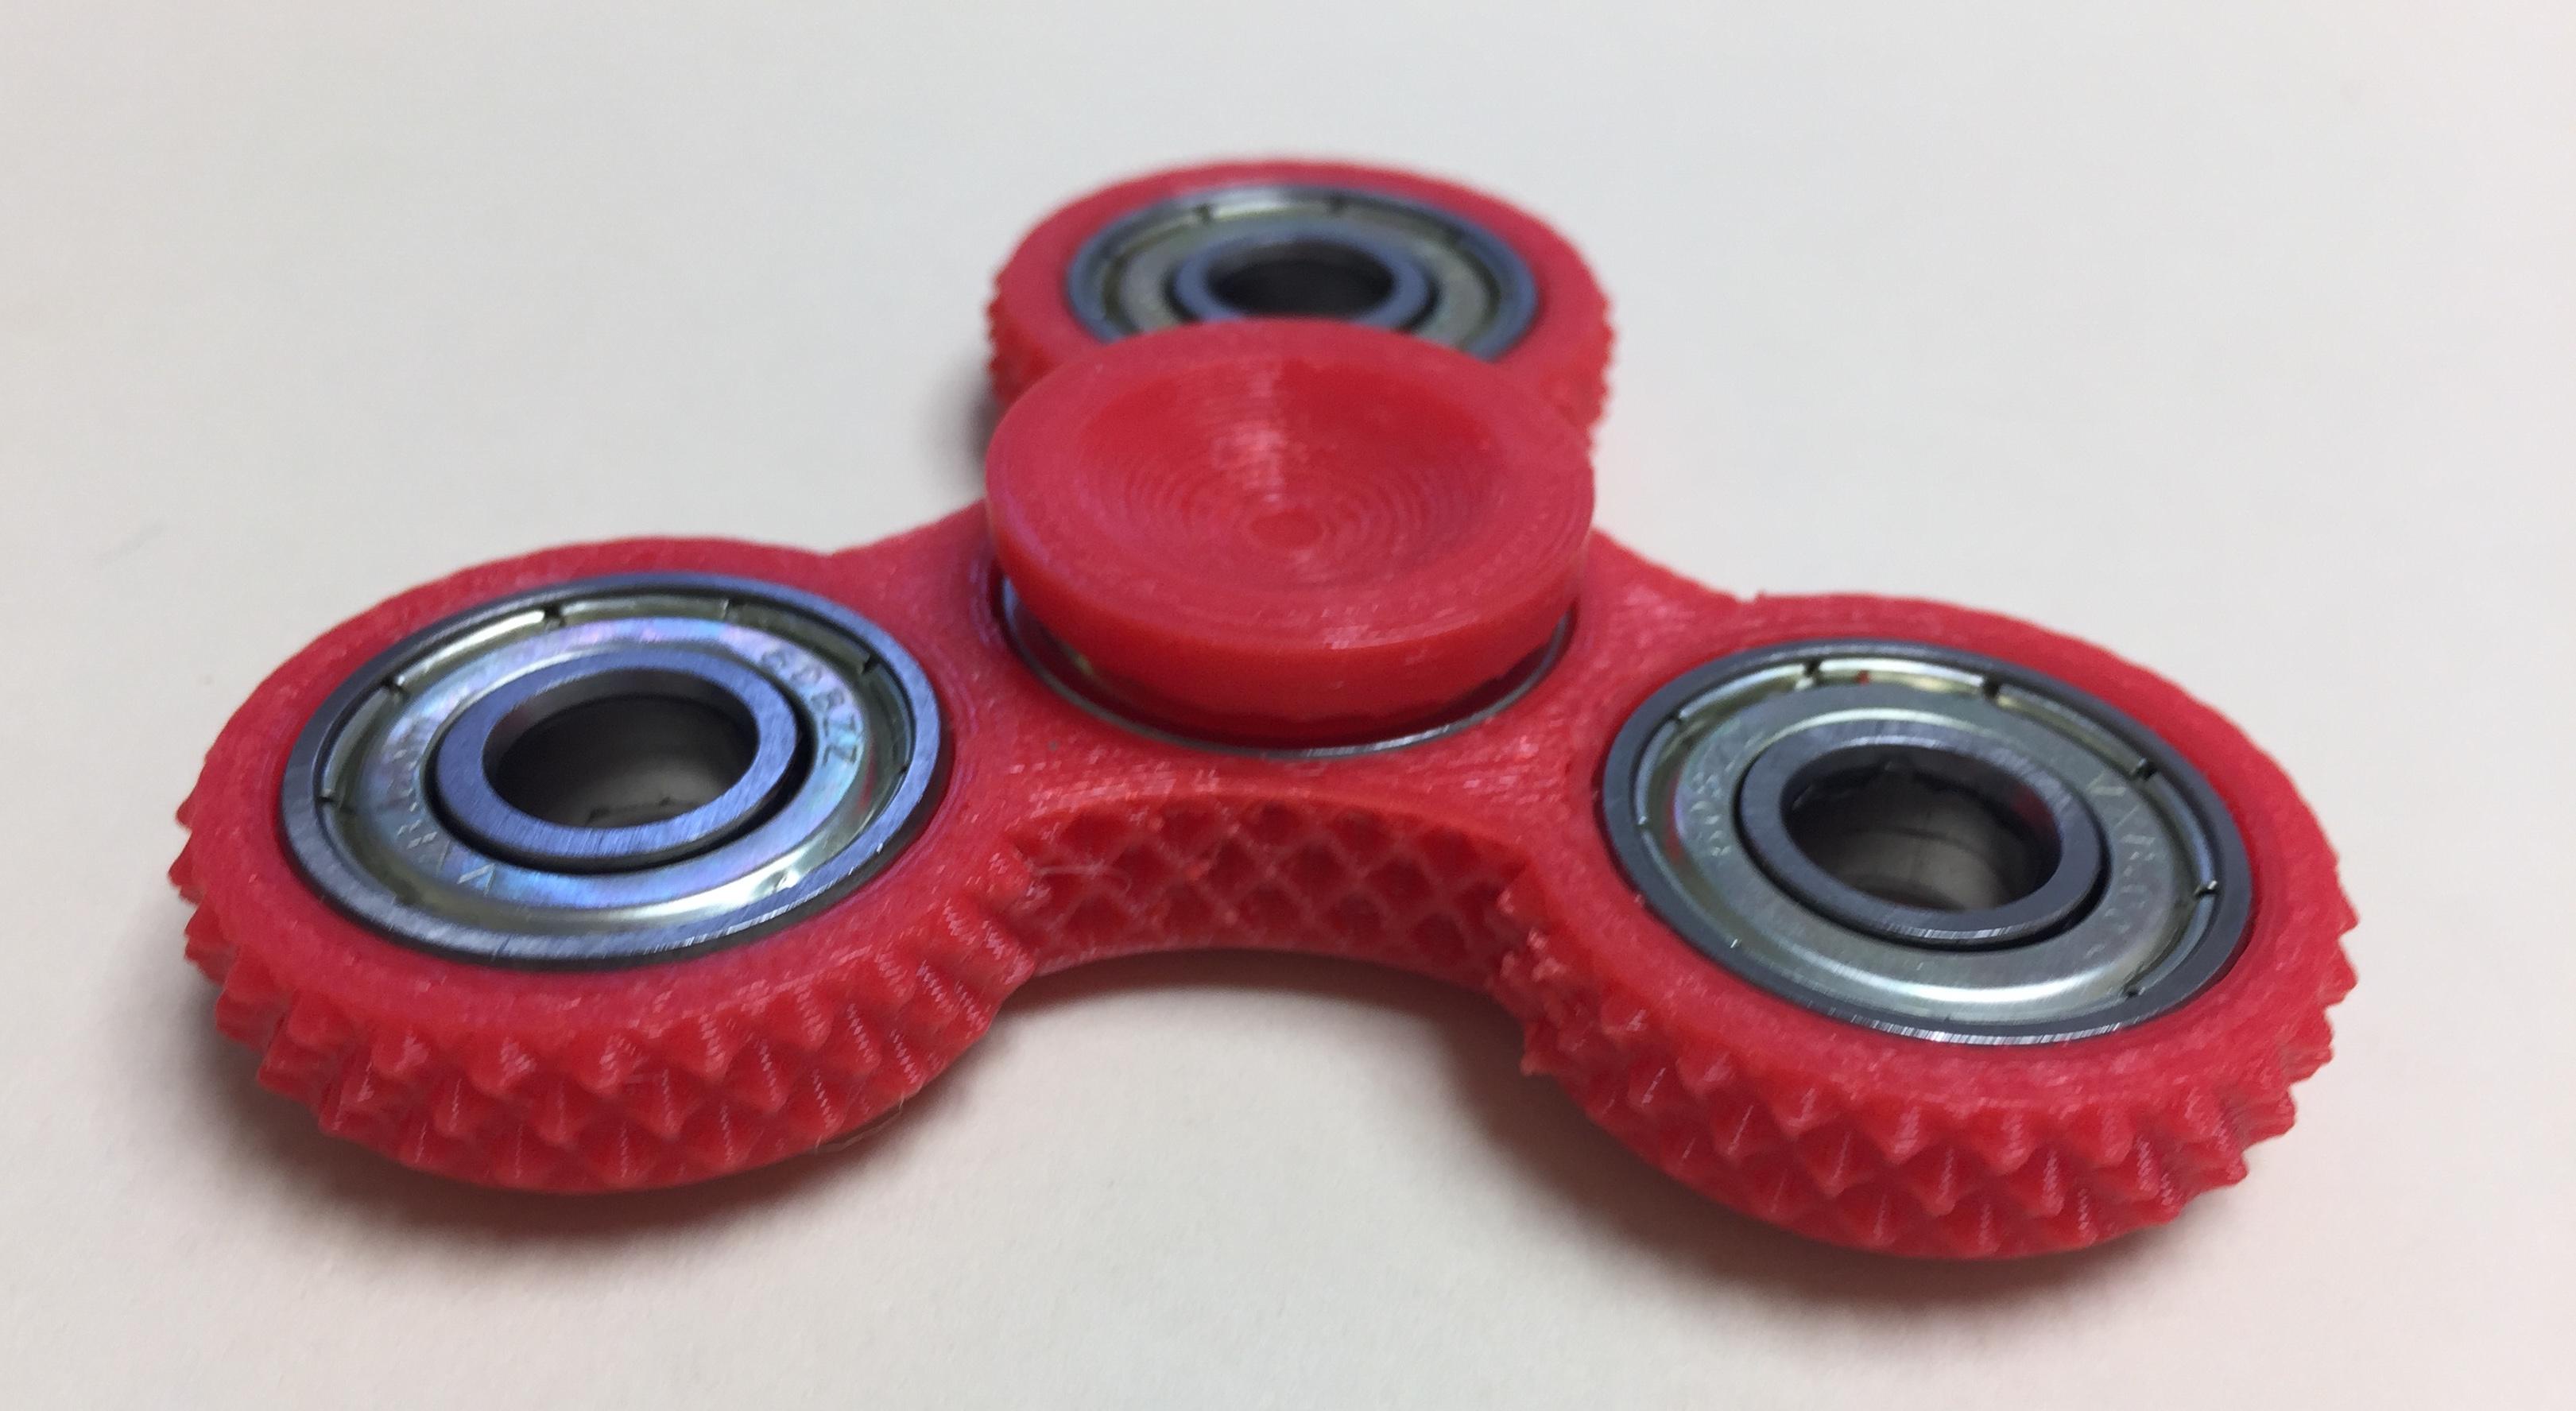 Studded Fidget Spinner